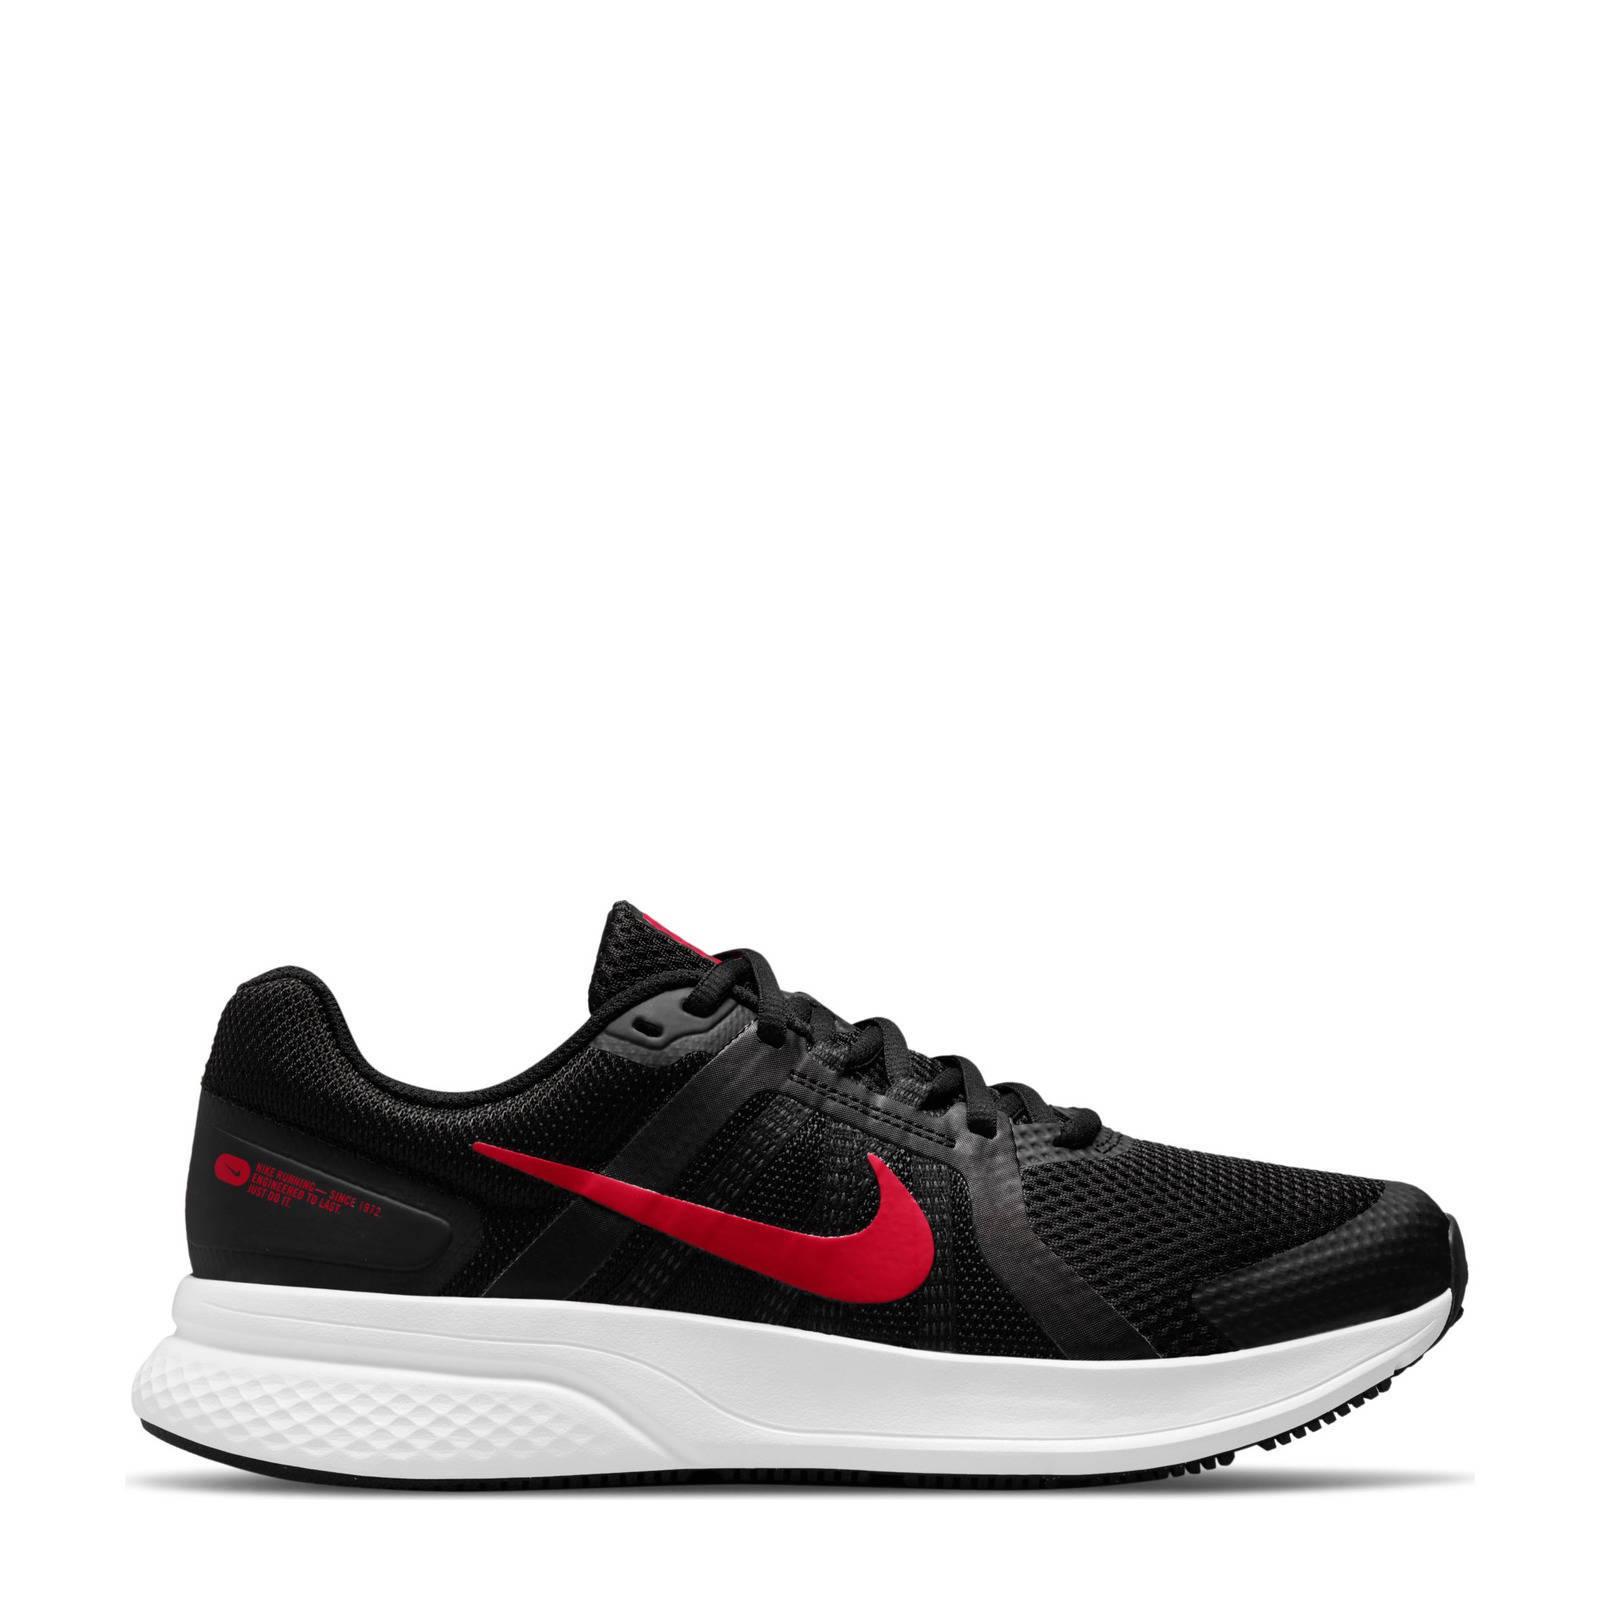 Nike Run Swift 2 hardloopschoenen zwart/rood/wit online kopen